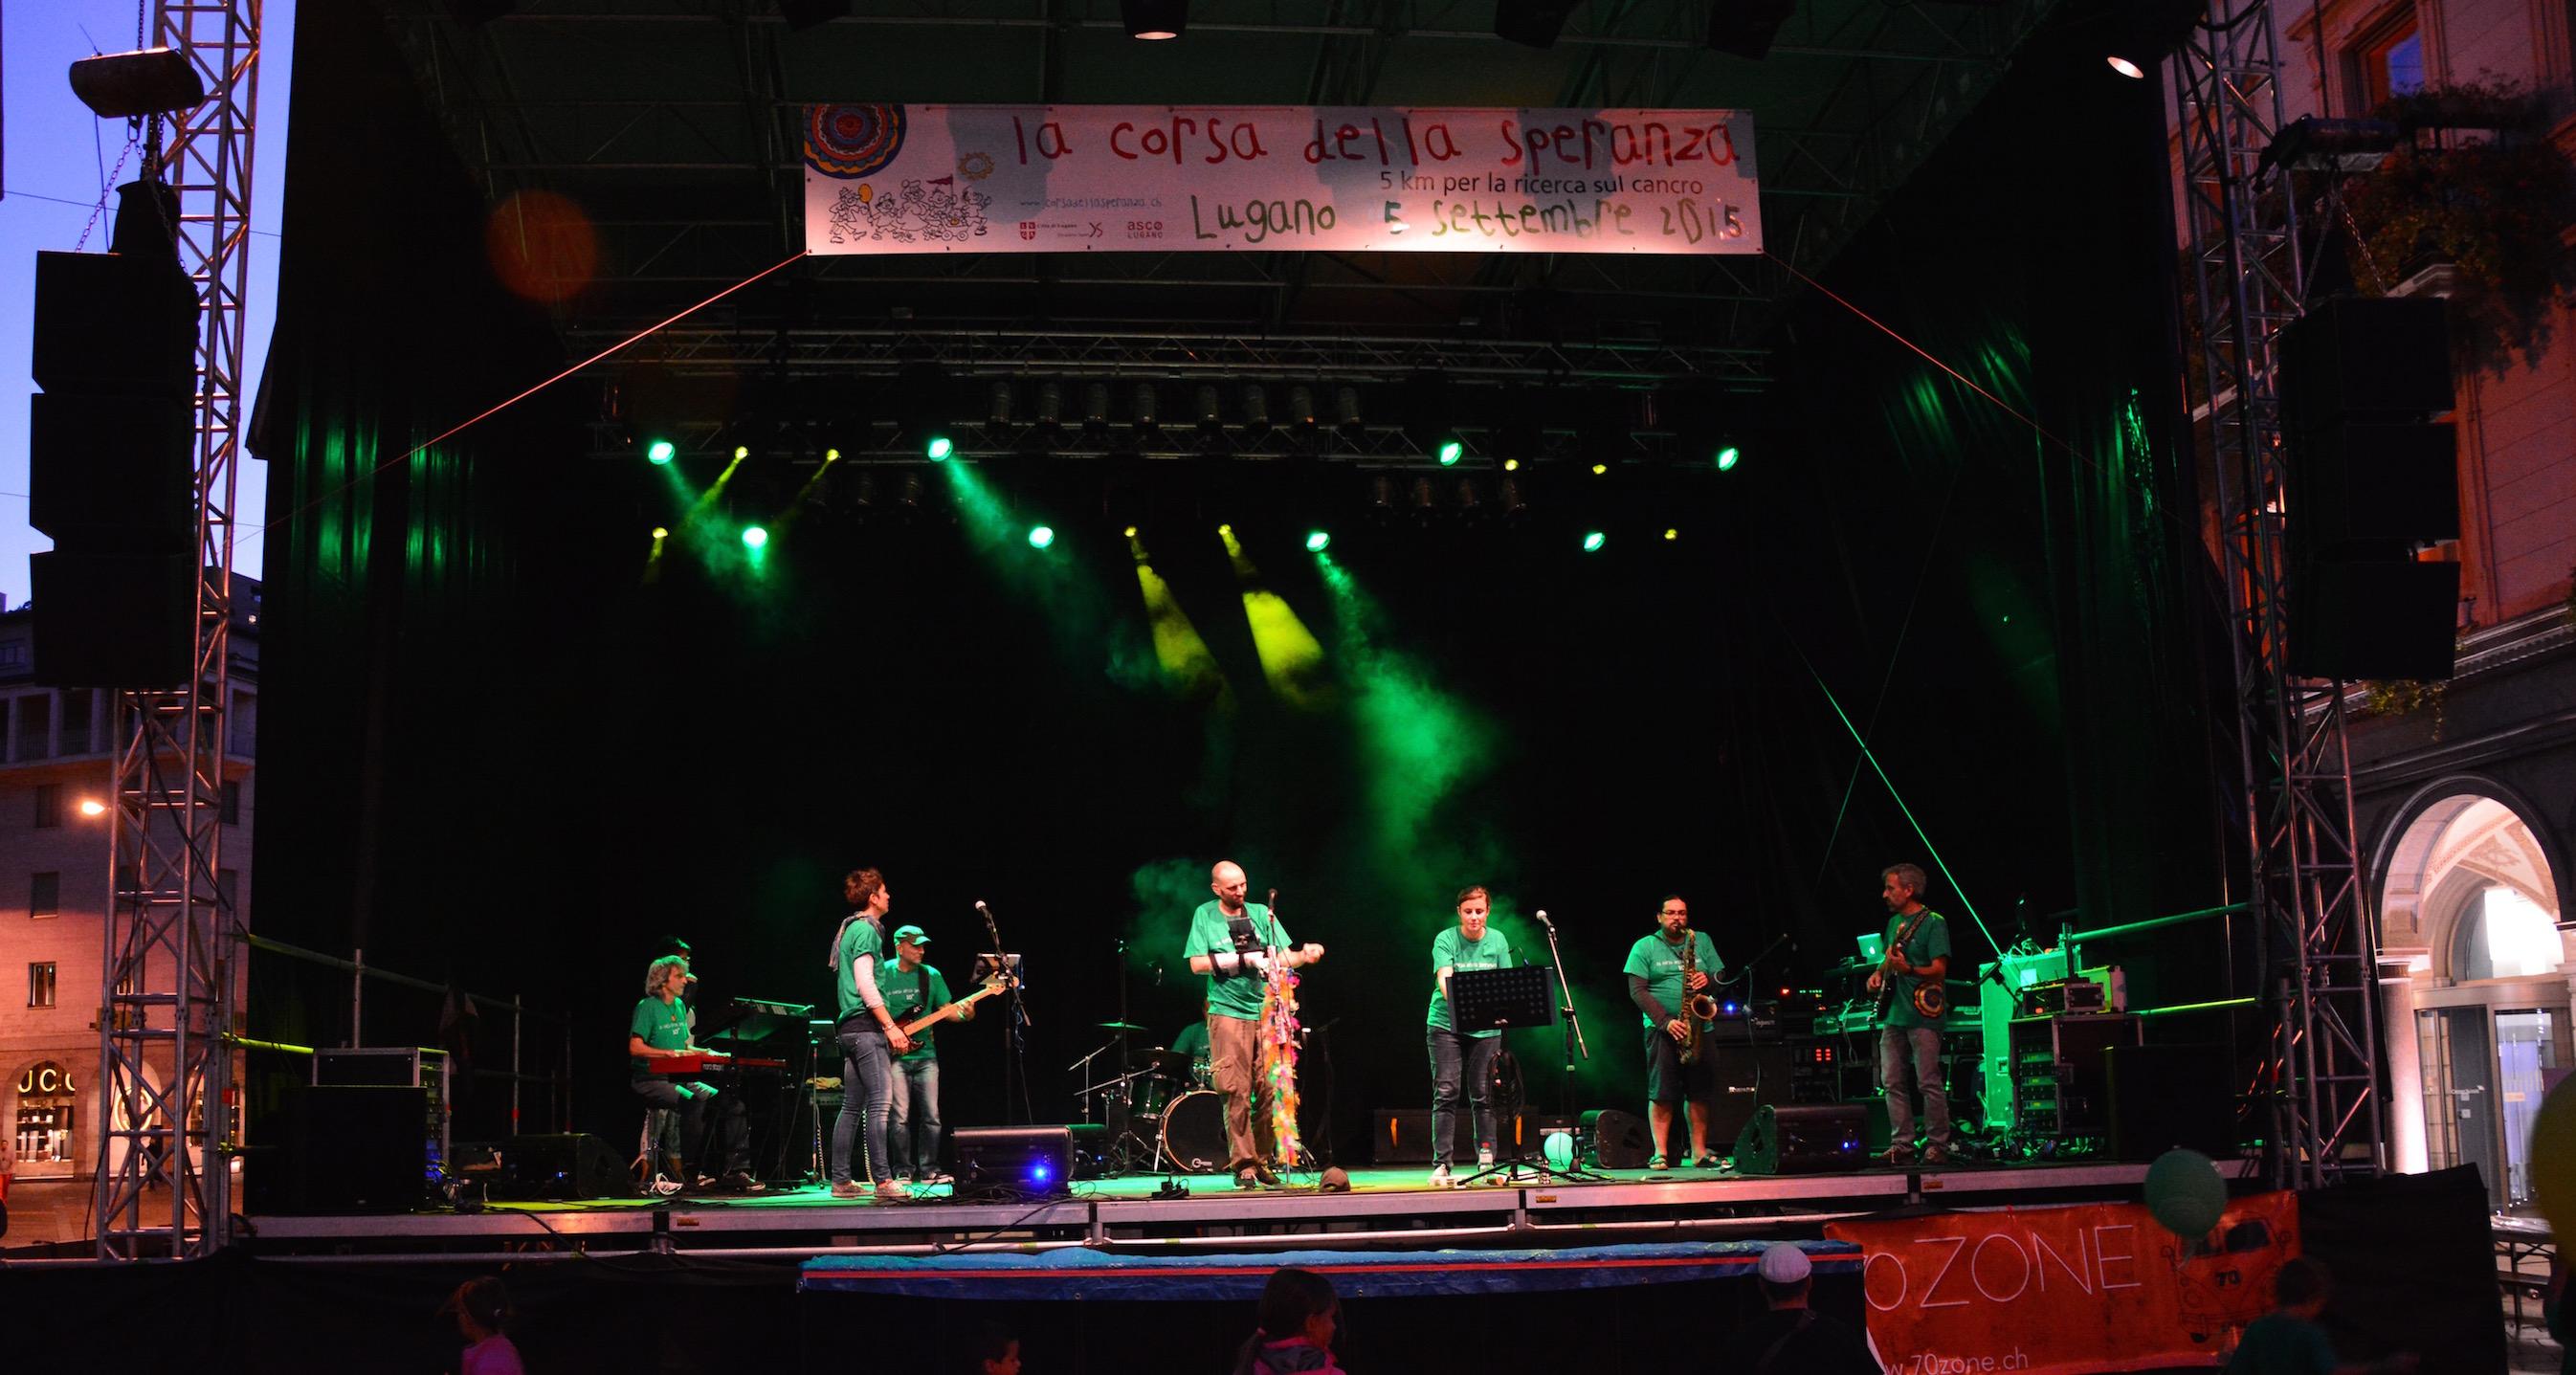 '70Zone per la Corsa della speranza, Piazza Riforma Lugano, 5 settembre 2015, special guest Olmo Antezana sax